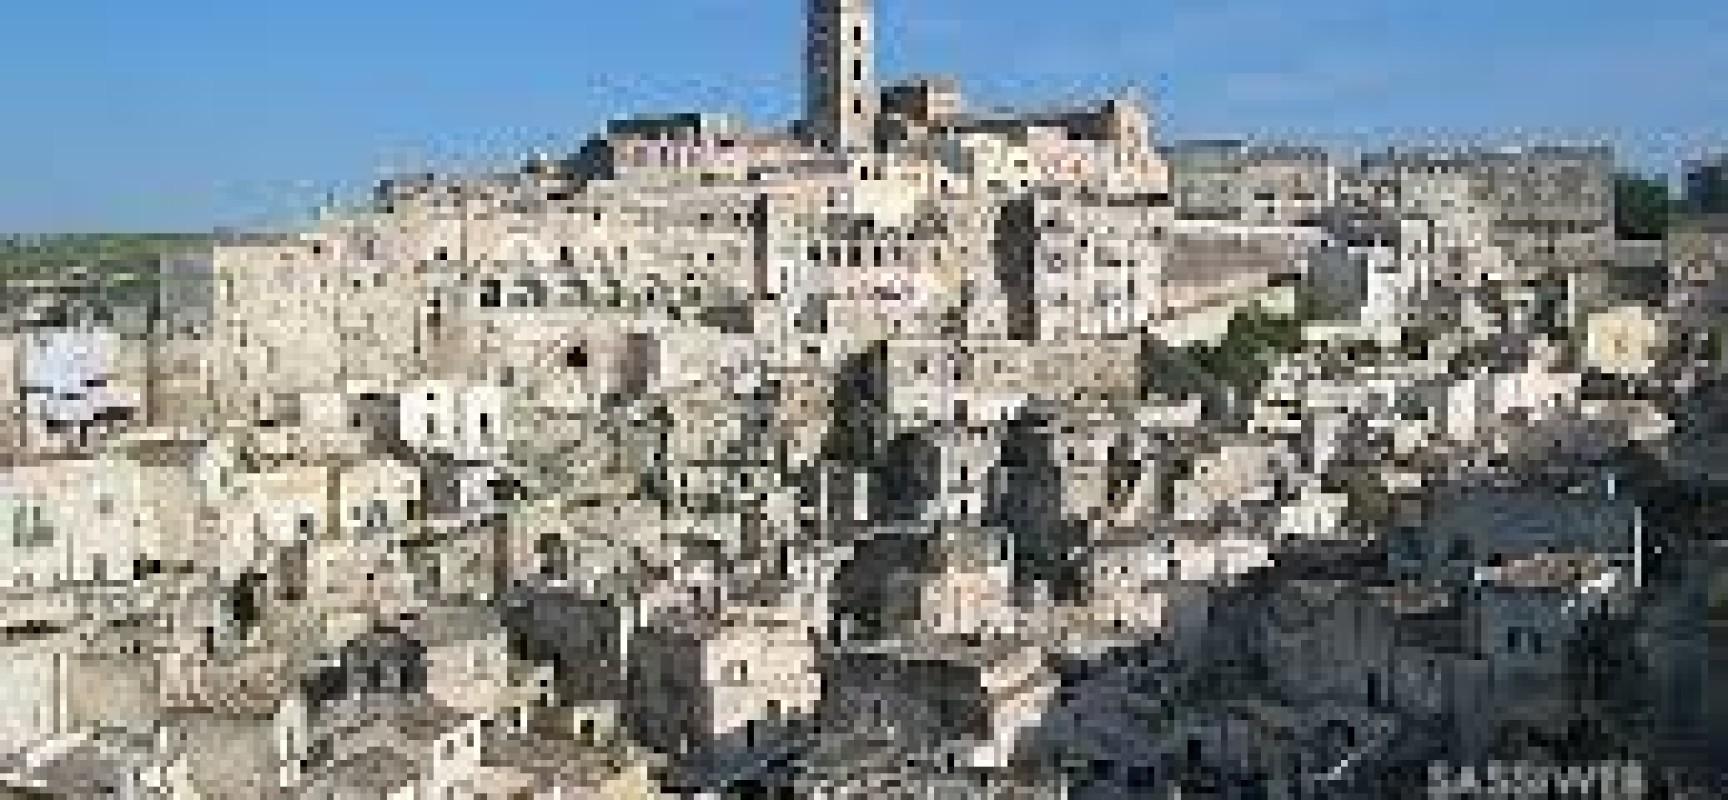 Matera, la città dalla dolente bellezza, è capitale europea della cultura